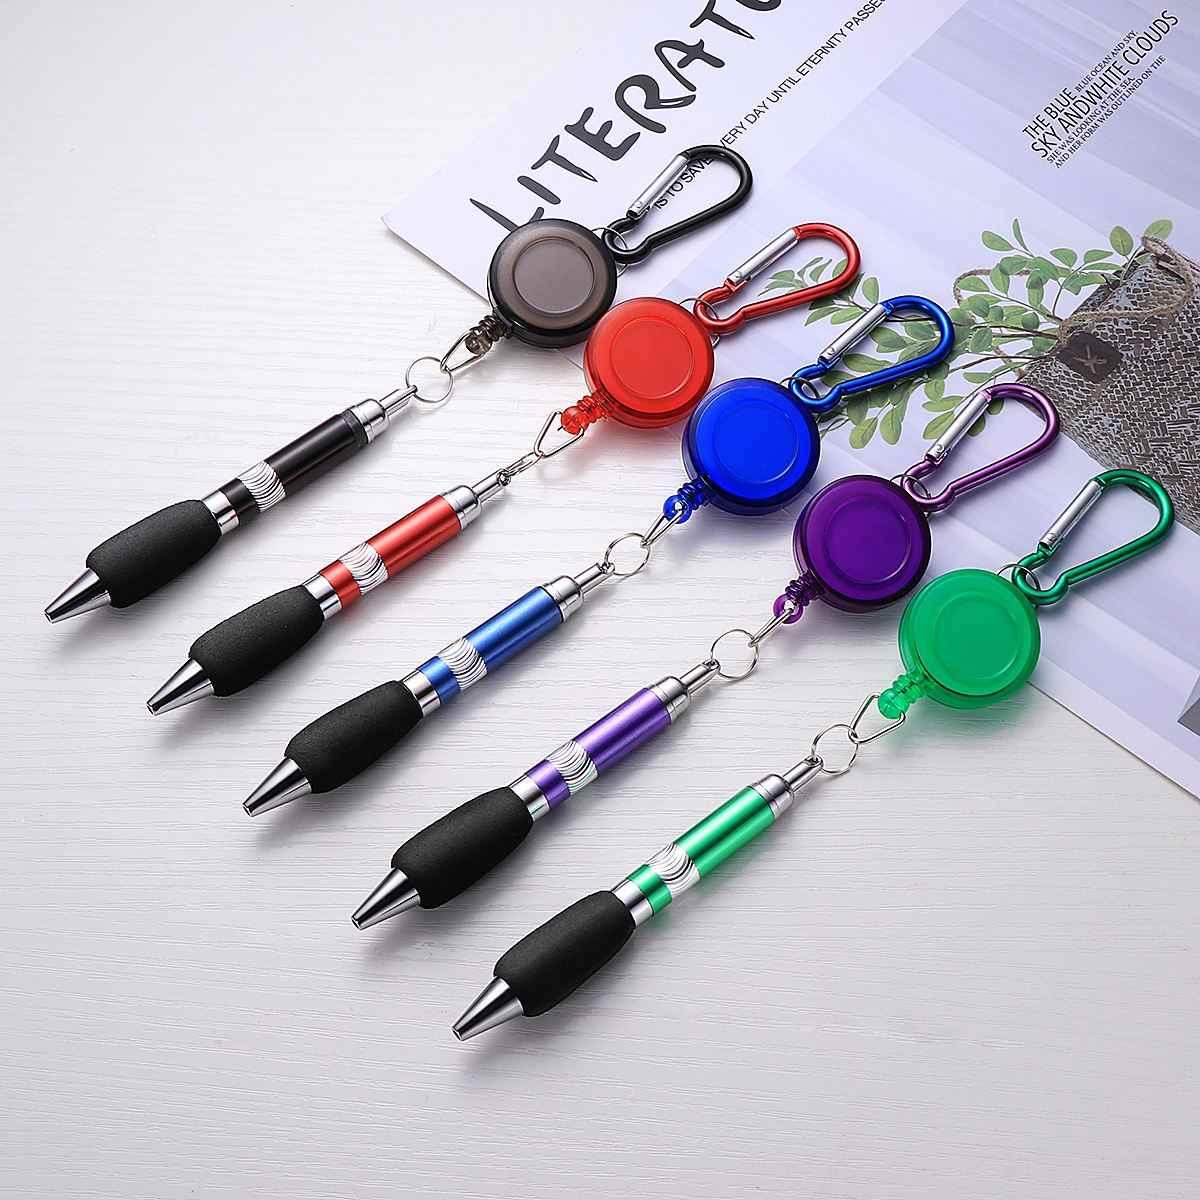 5 pièces 3-en-1 pratique rétractable Badge bobine stylo avec Clip ceinture porte-clés et mousqueton porte-clés chaîne porte-clés chaînes anneaux